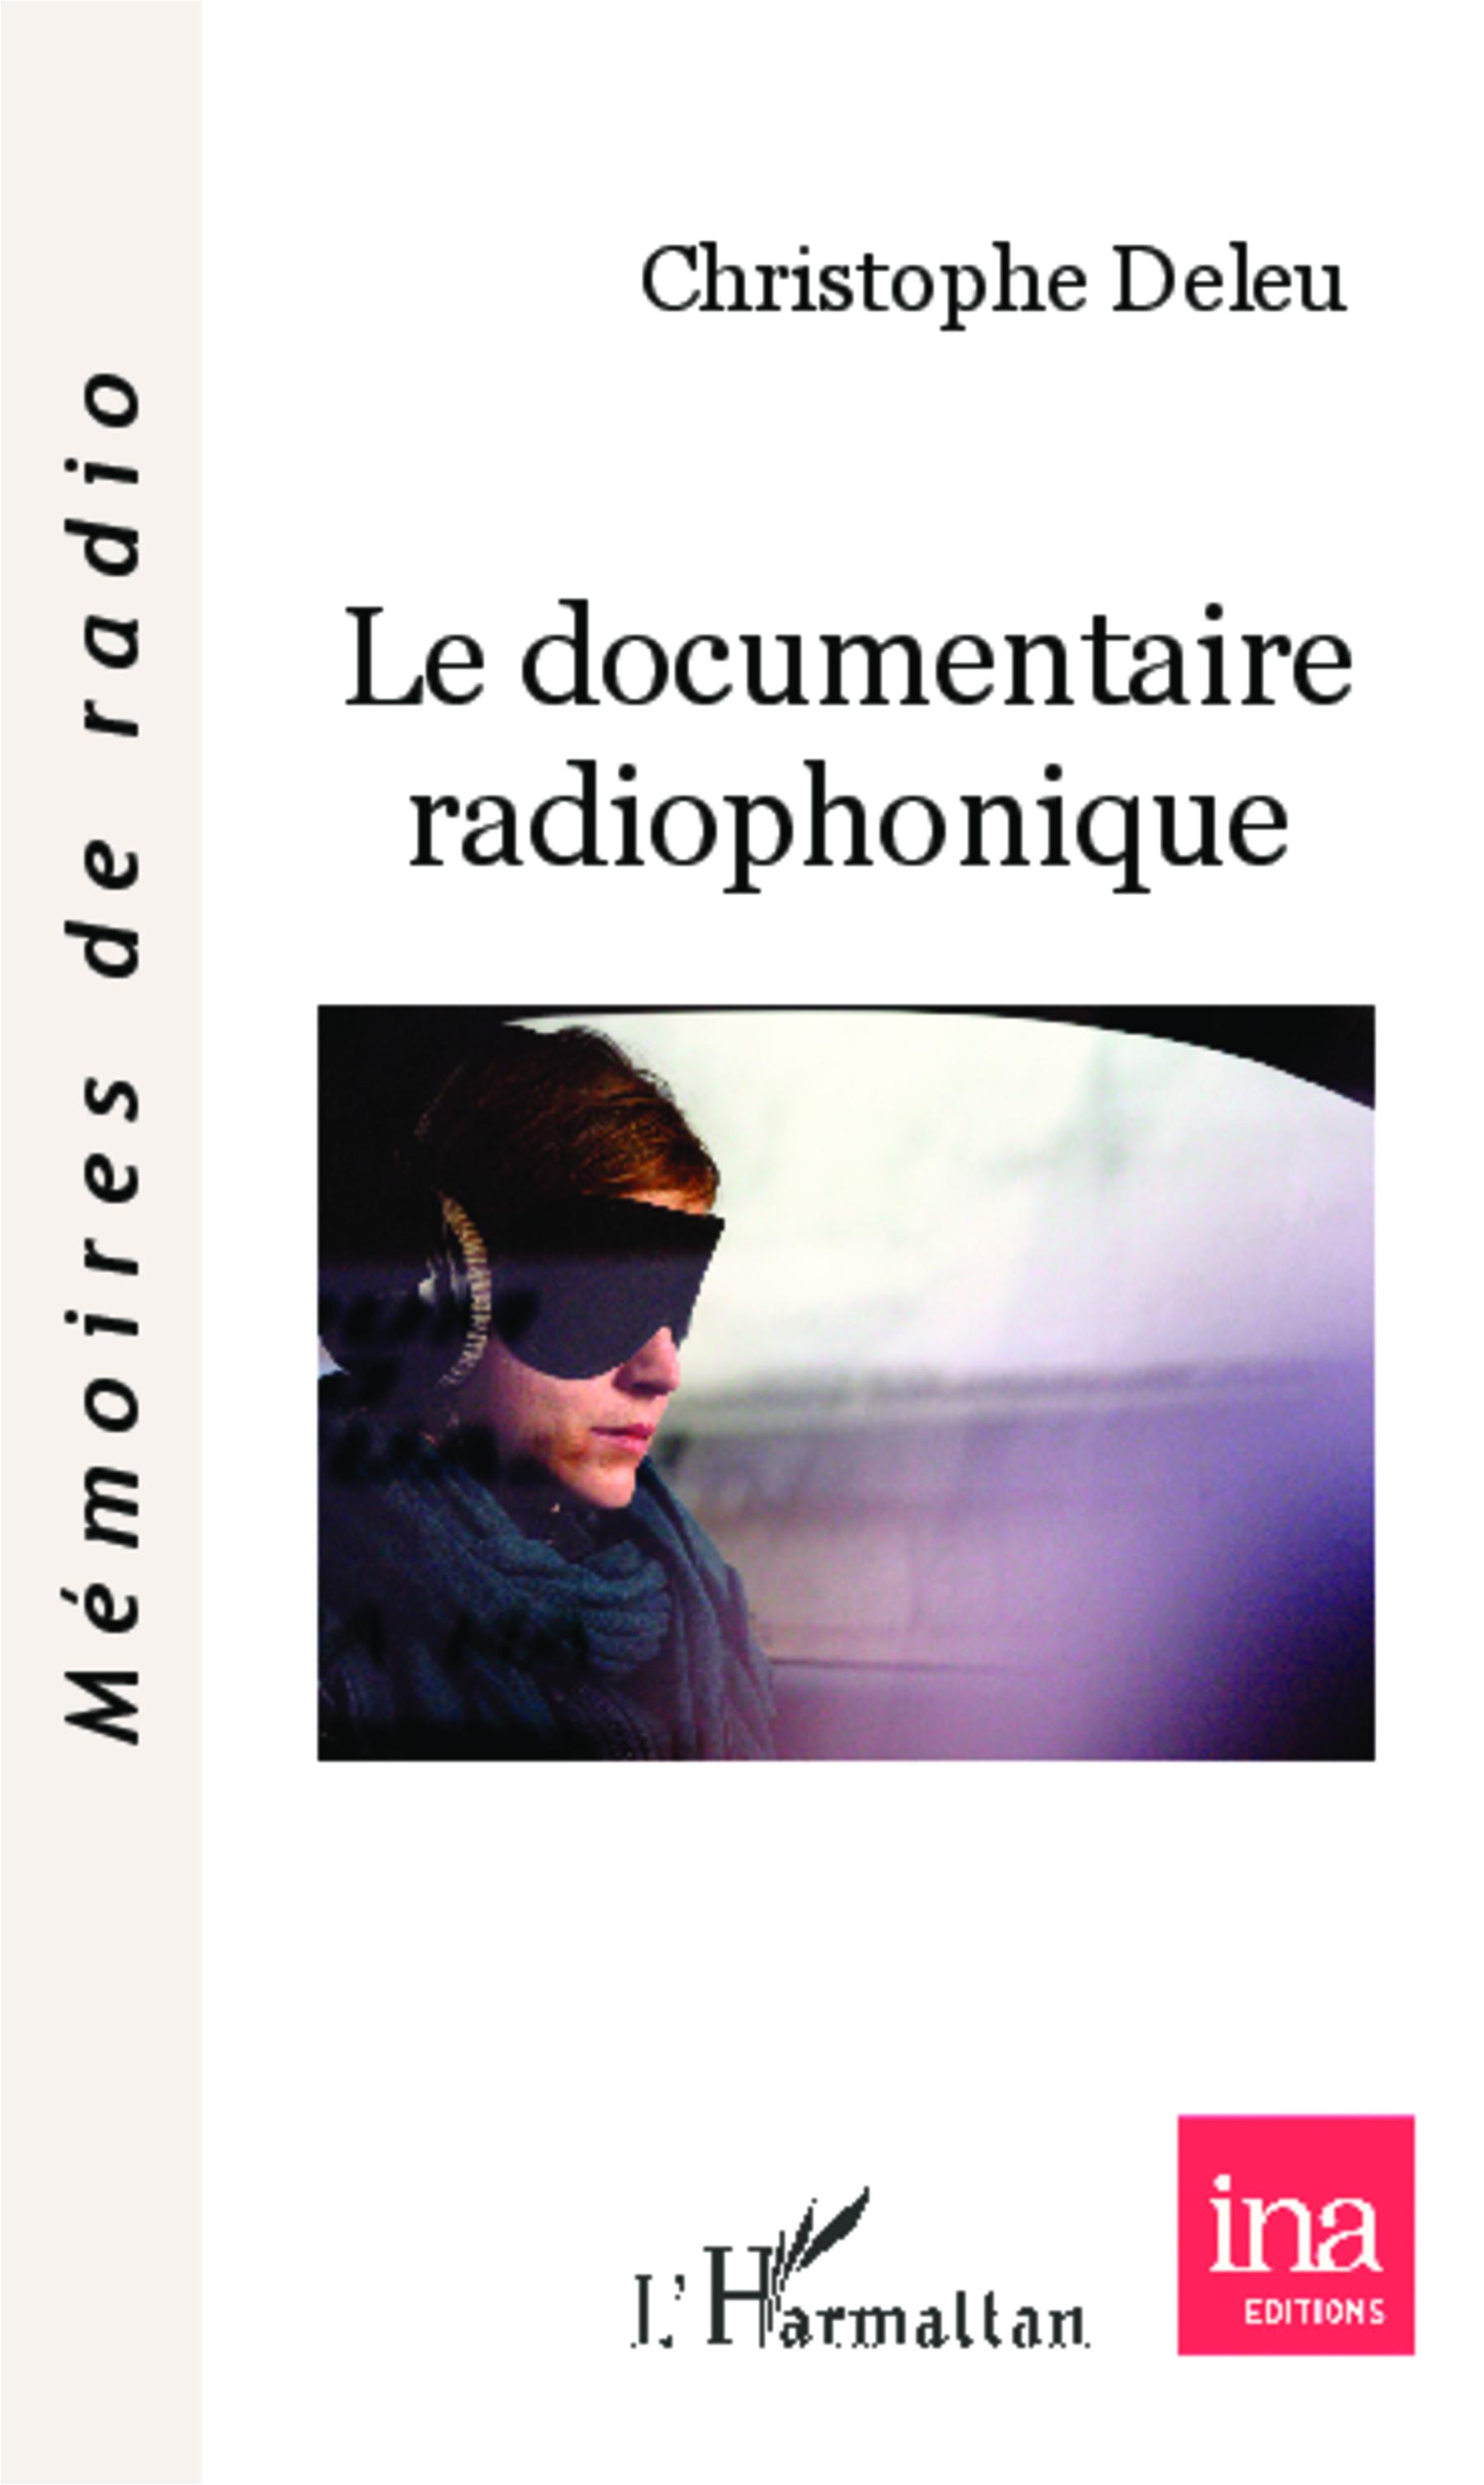 Un livre sur le documentaire radiophonique